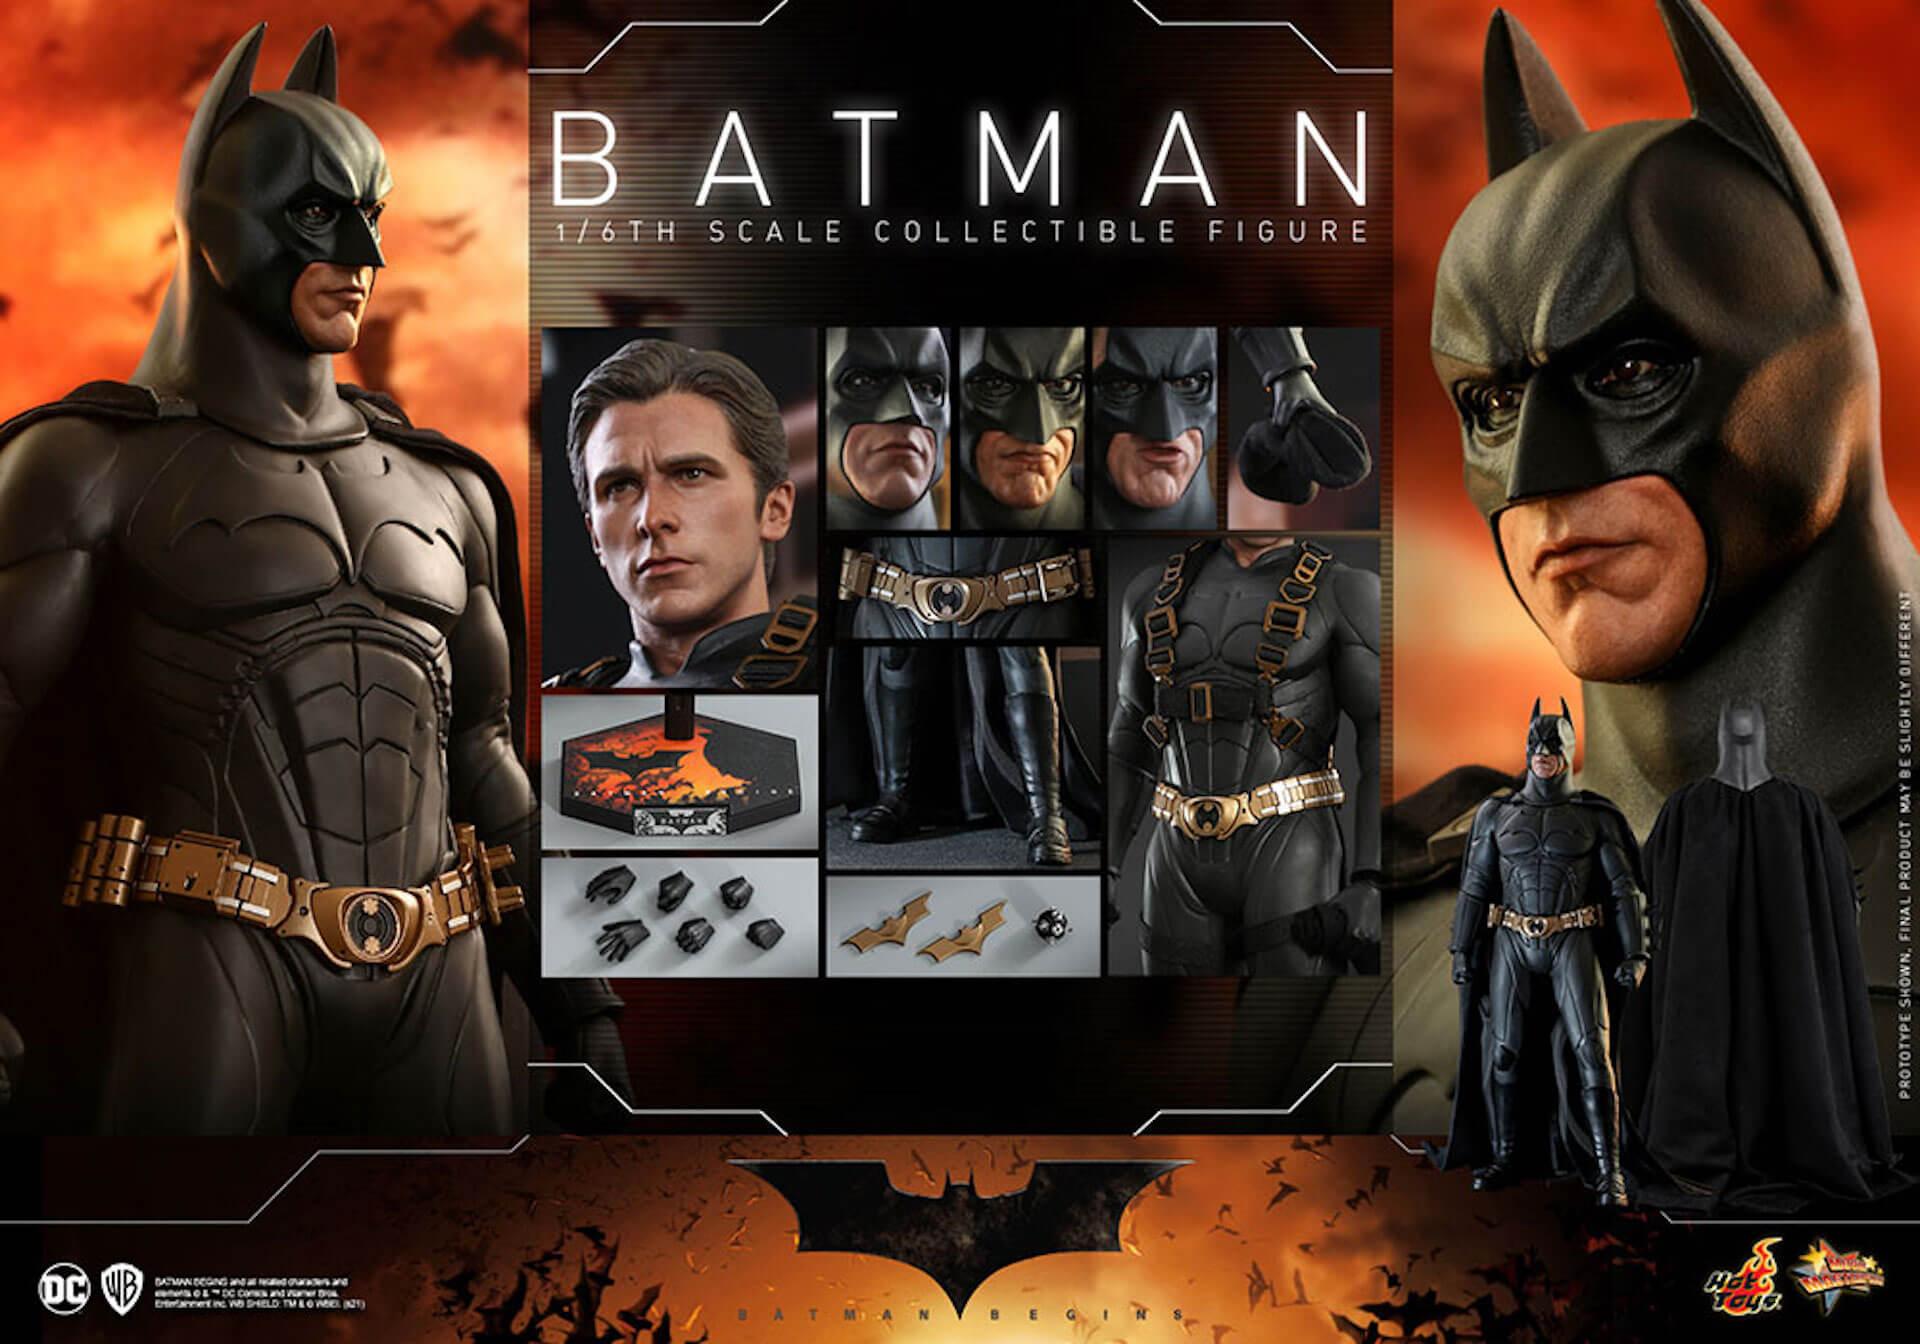 『バットマン ビギンズ』のバットマン&バットモービルが超精巧なフィギュアに!ホットトイズから発売決定 art210401_hottoys_batmanbegins_13